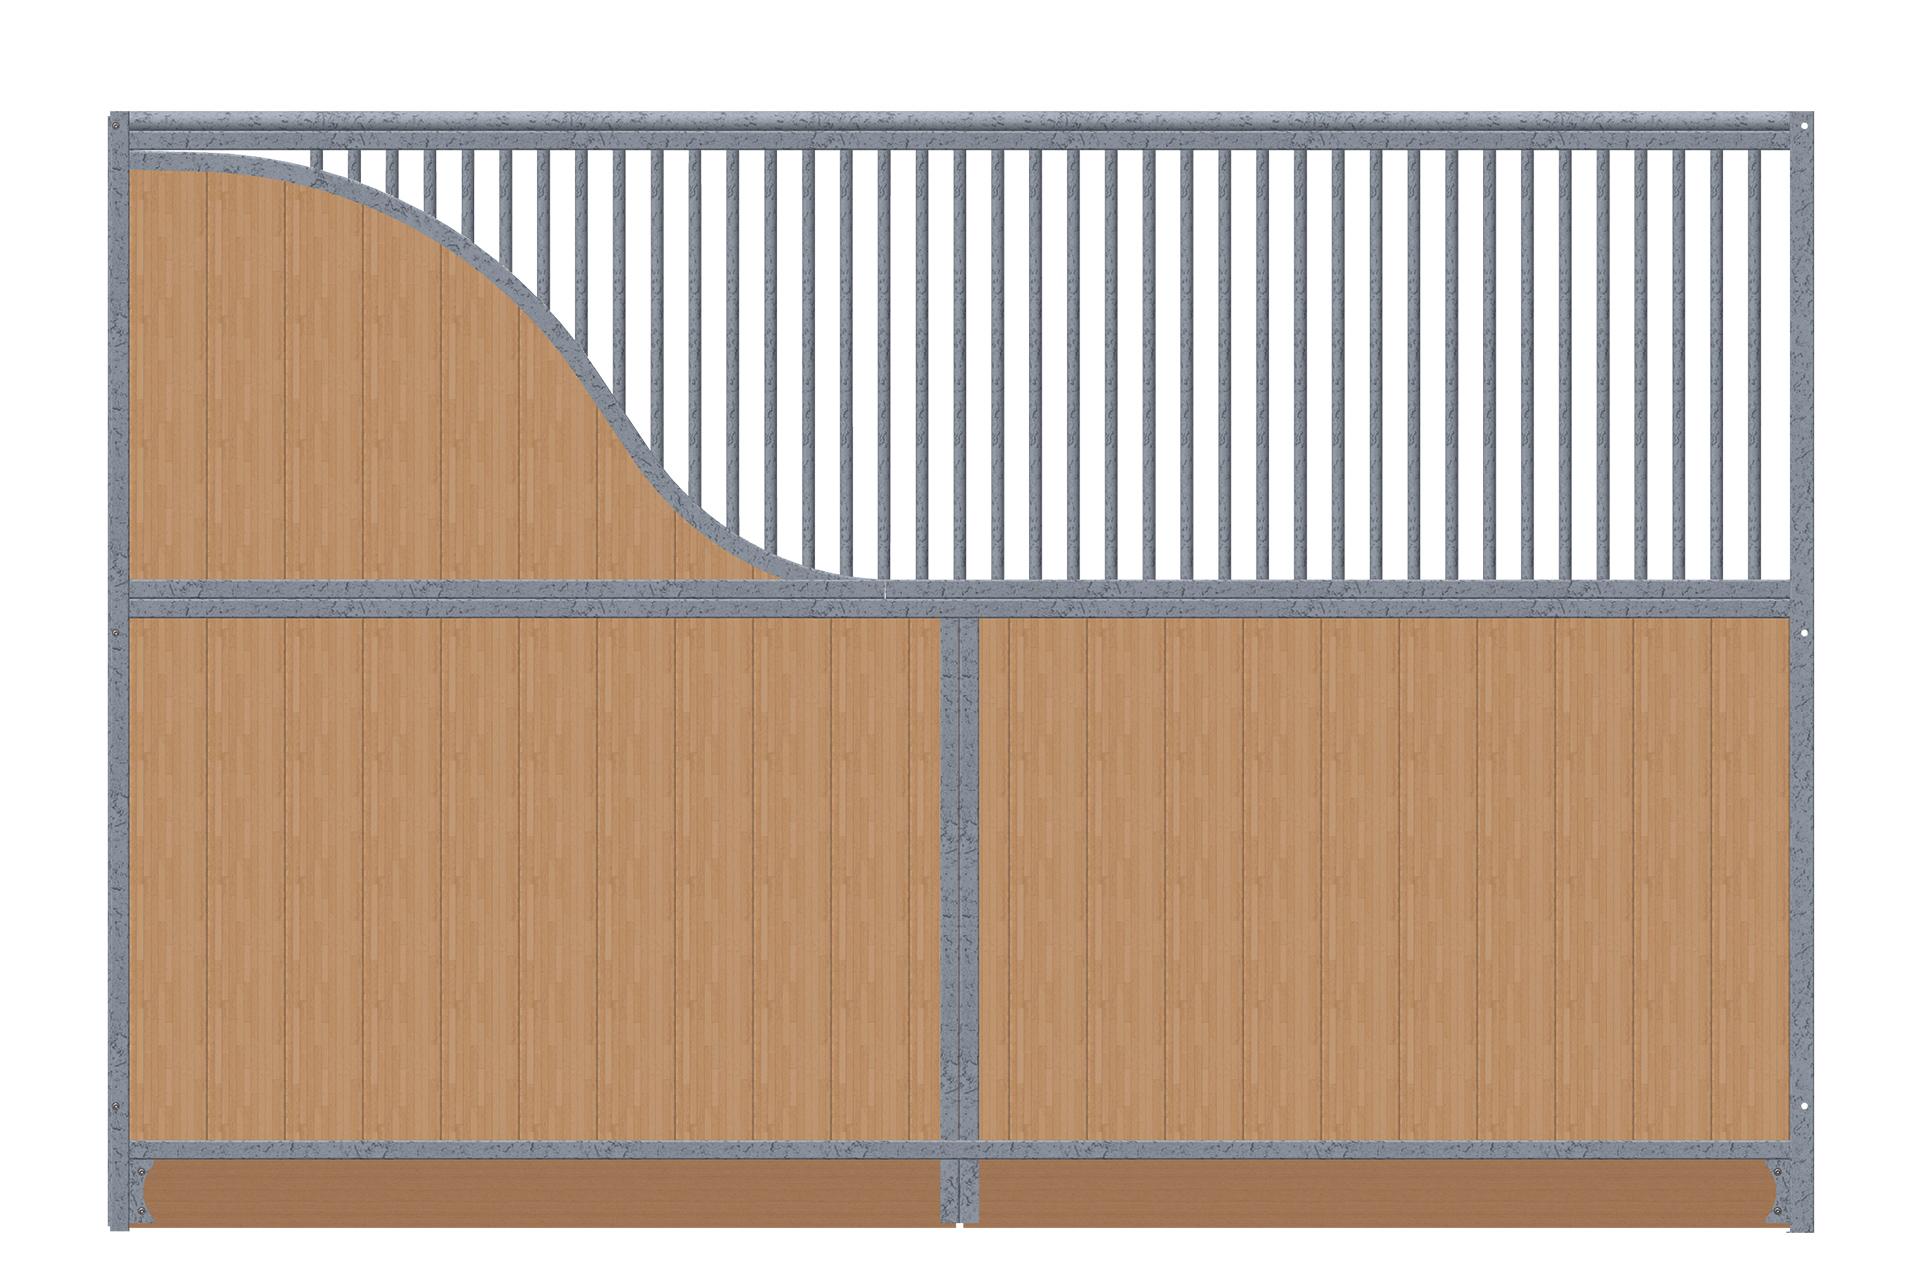 Trennwand-3,5m-1x-S-Bogen-verzinkt